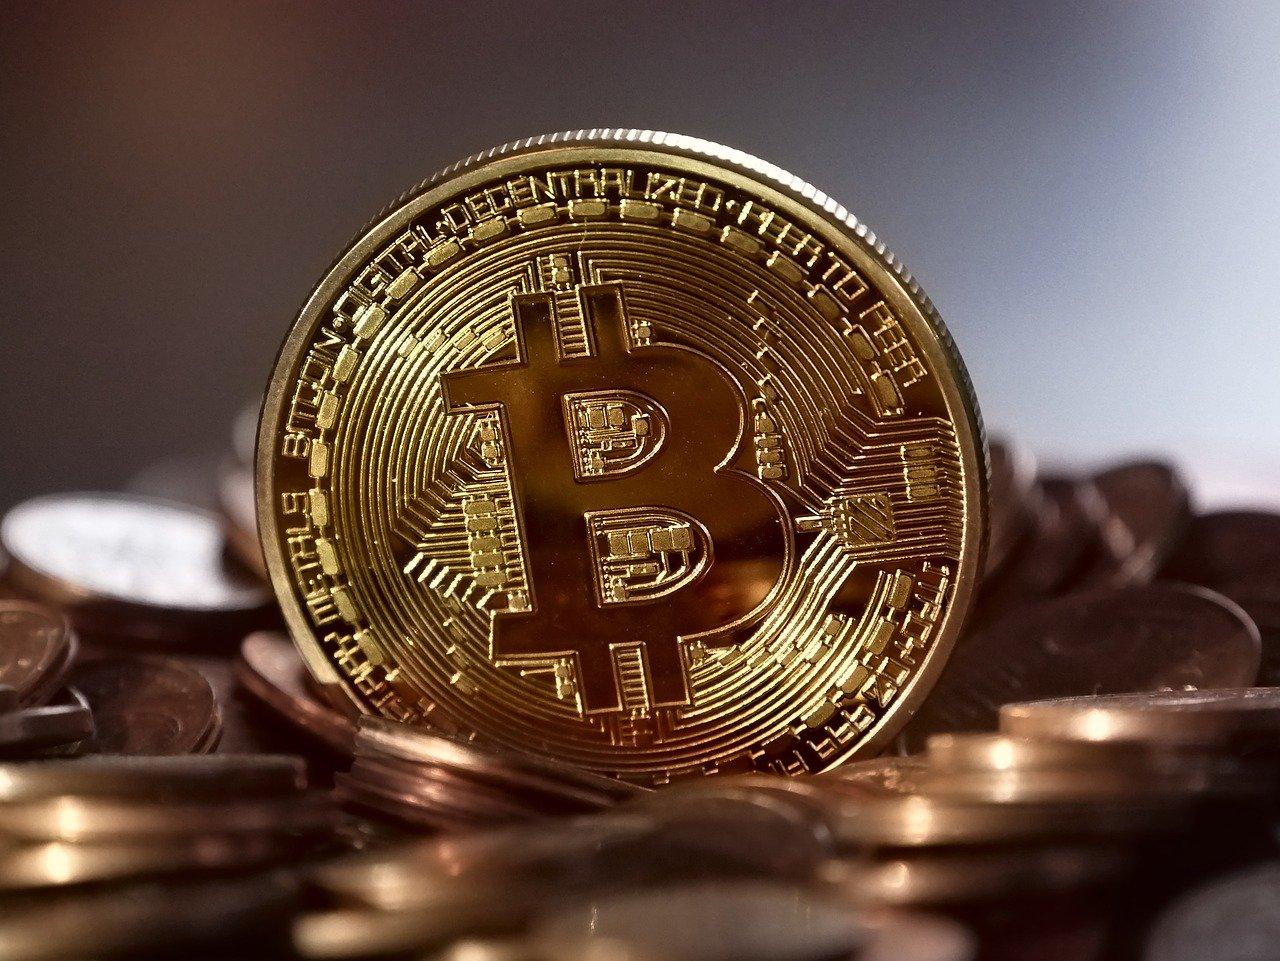 Gdzie najprościej kupić Bitcoiny za gotówkę, przelew lub inne kryptowaluty? Sprawdzamy najpopularniejsze miejsca zakupu BTC.